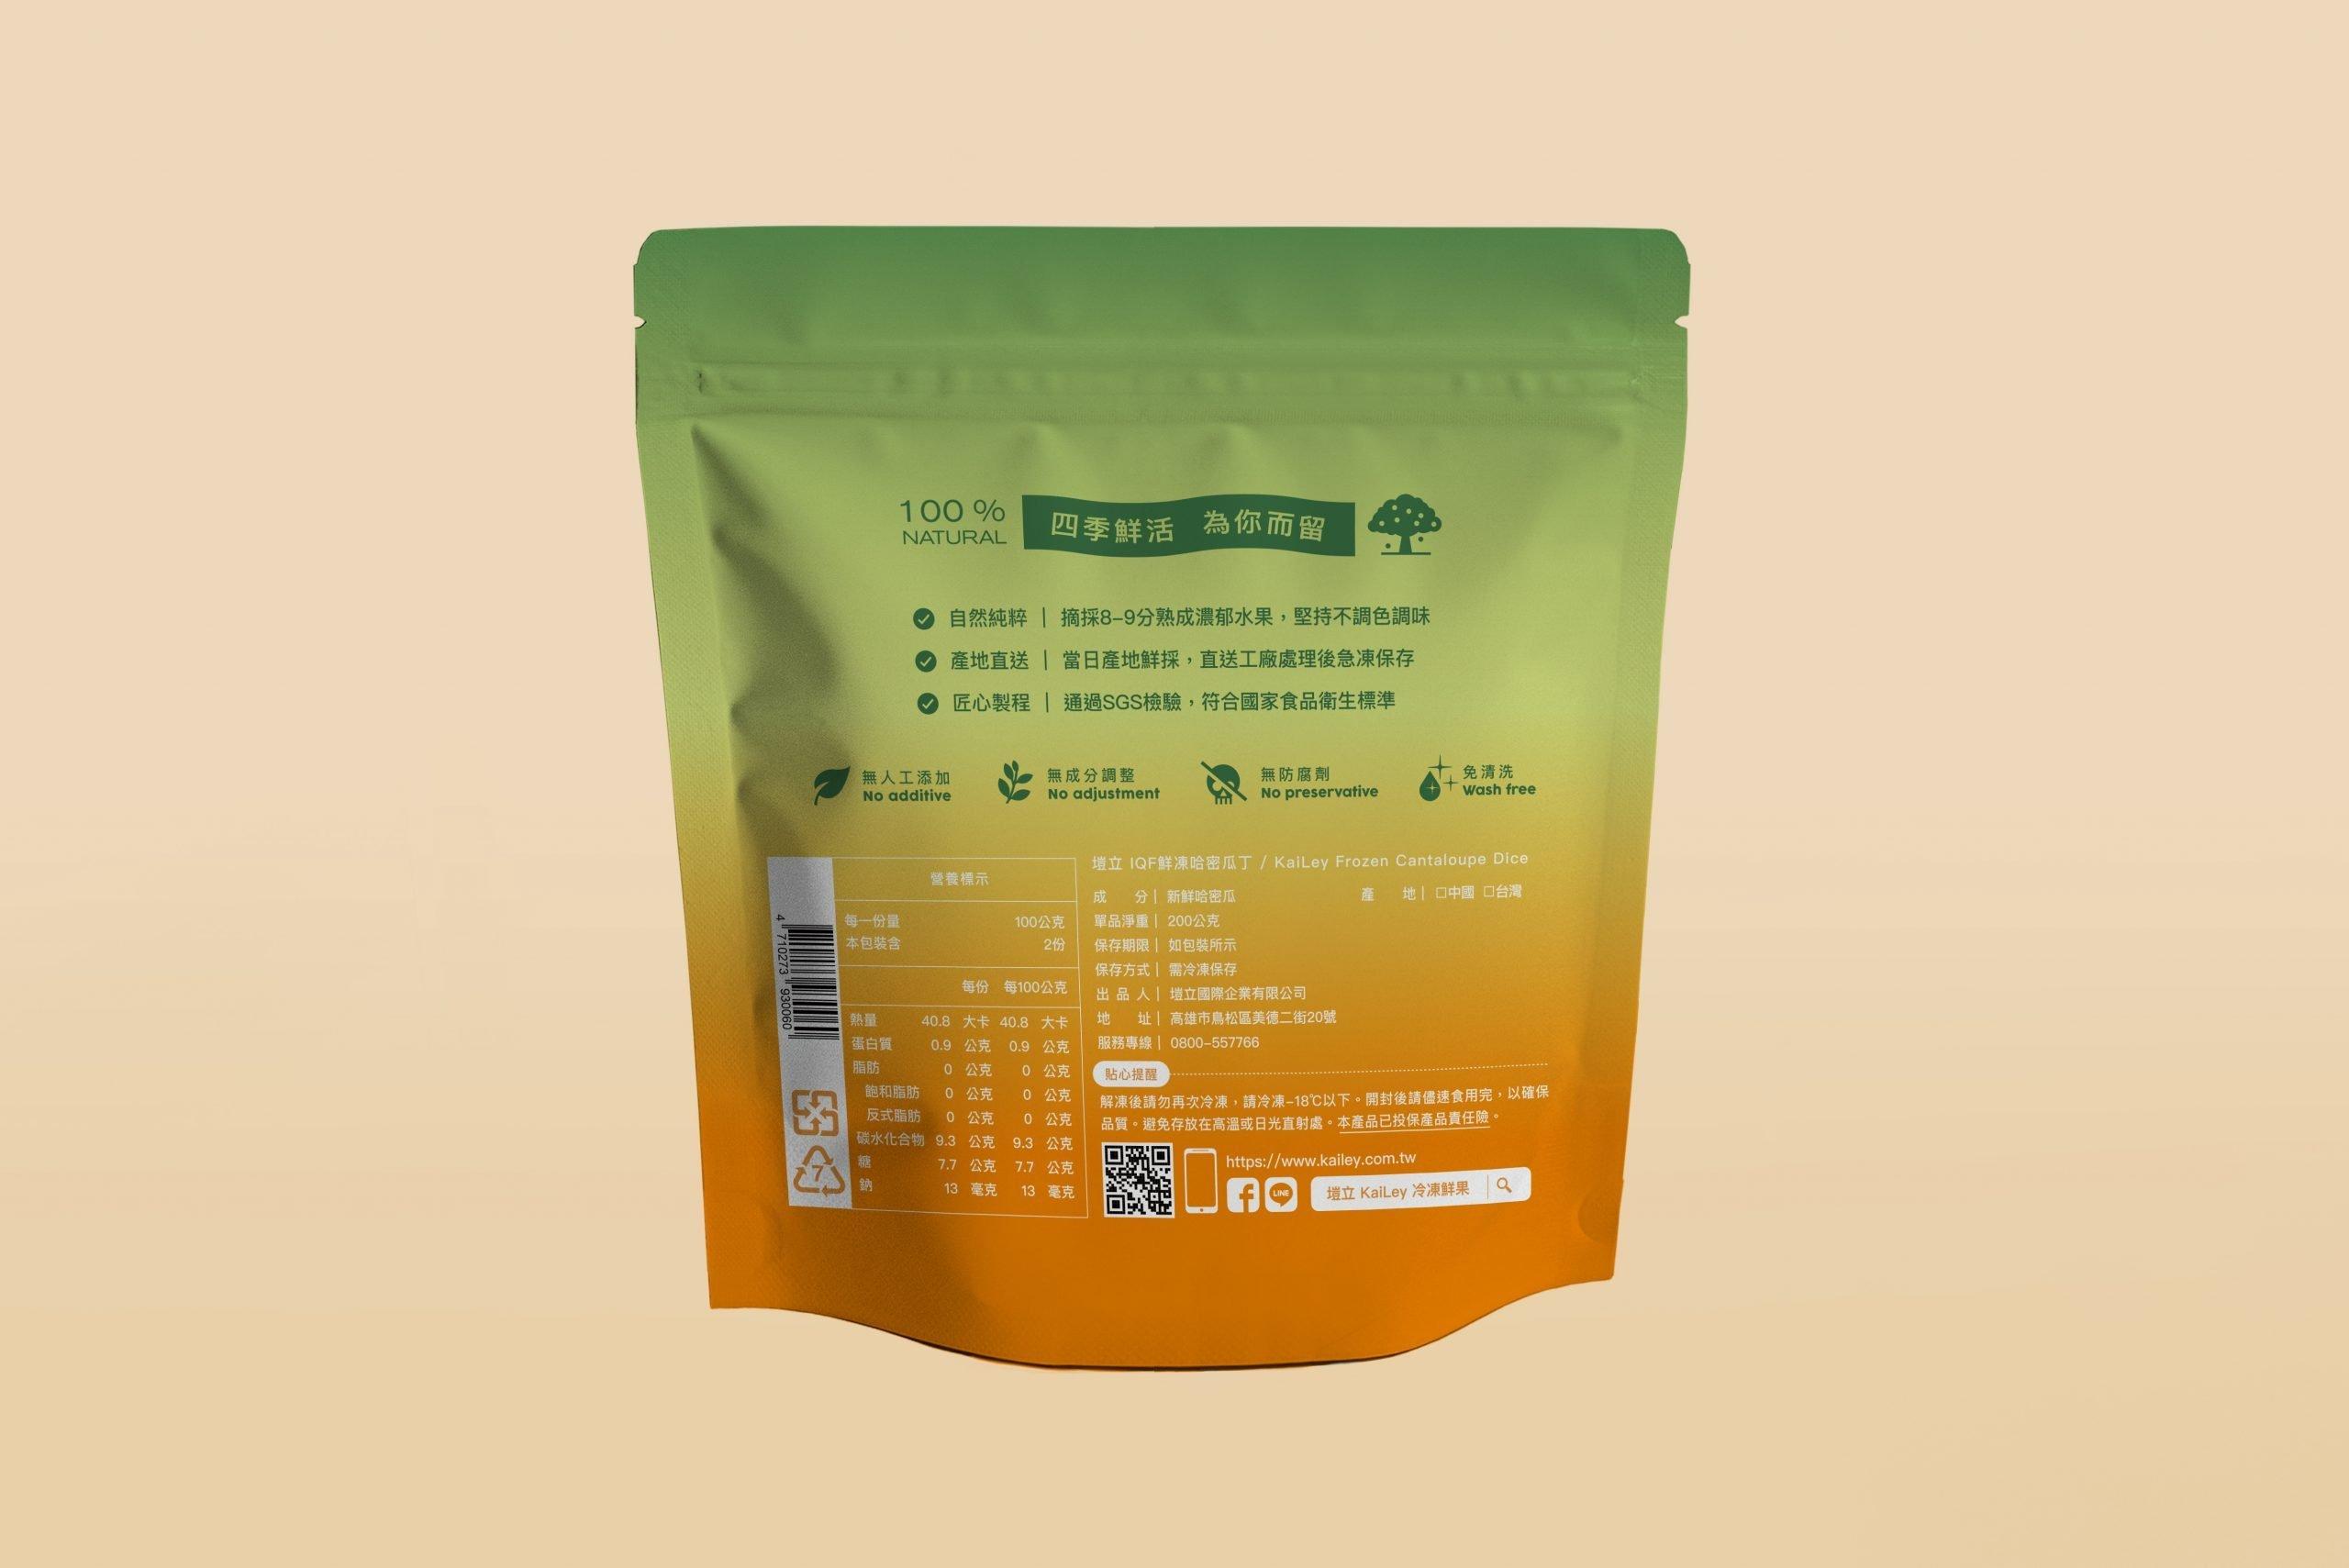 塏立冷凍水果鮮食市場包裝設計-背面